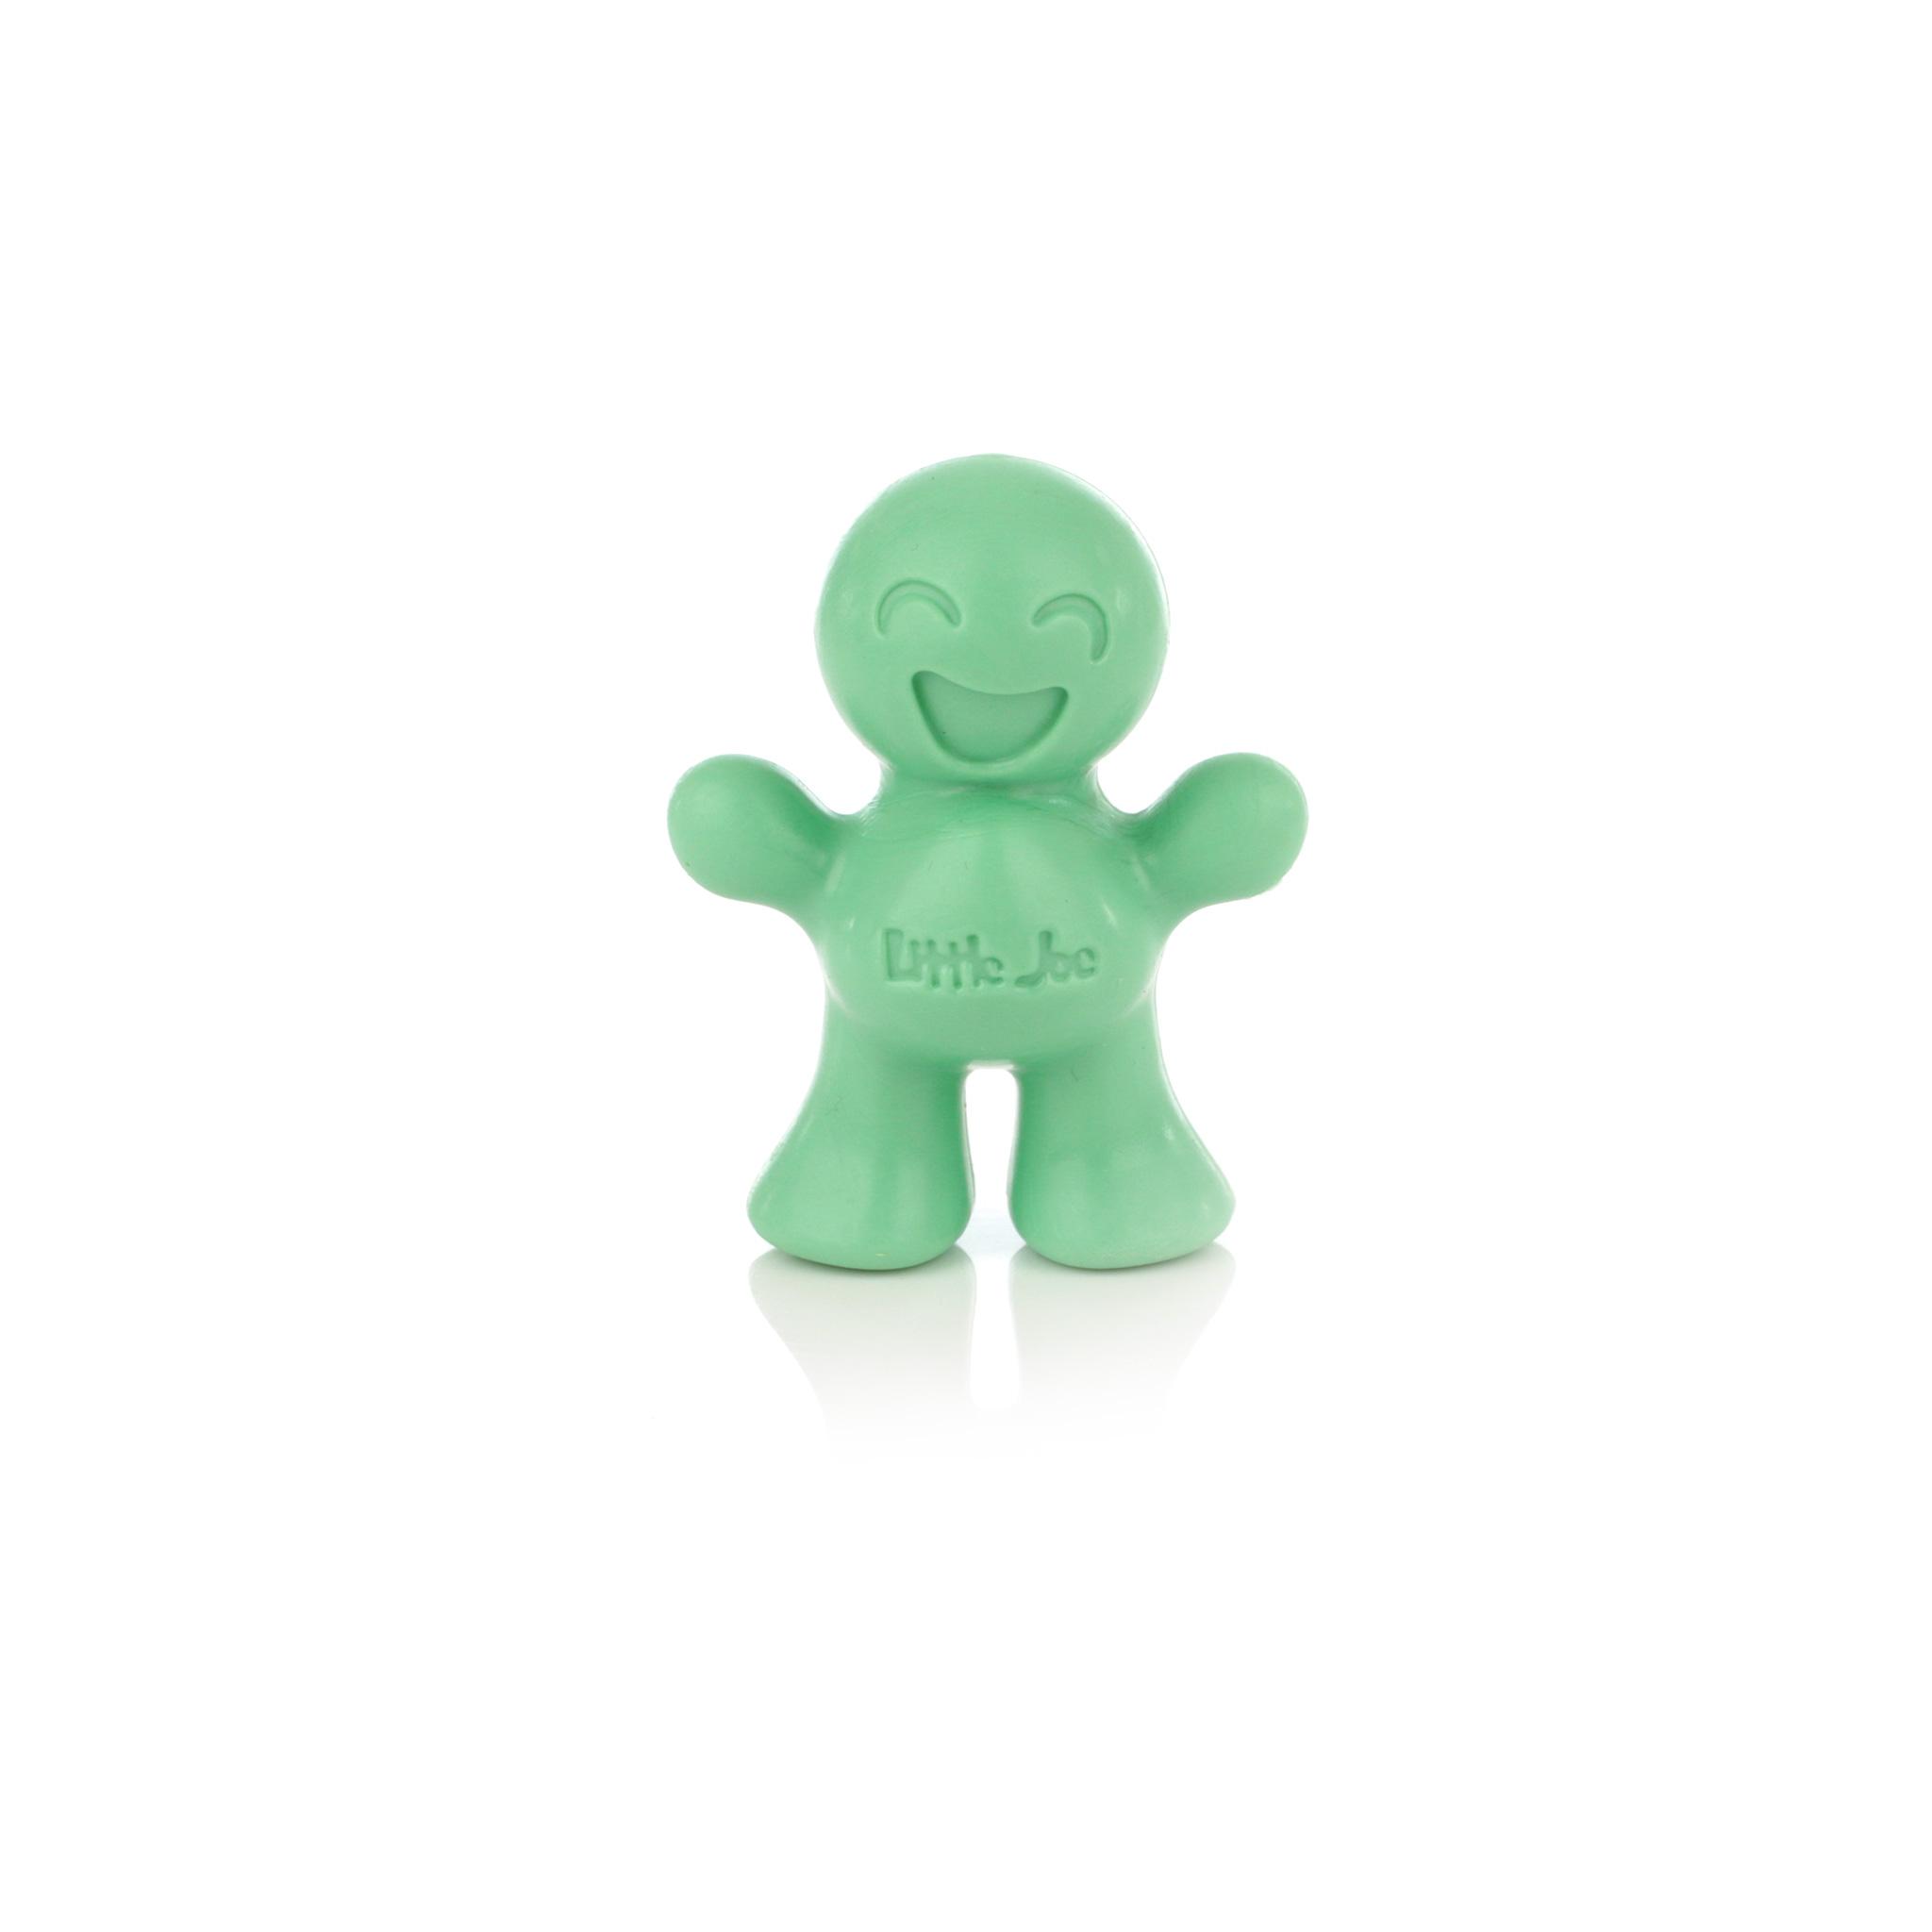 Luftfräschare Little Joe, Fresh Mint